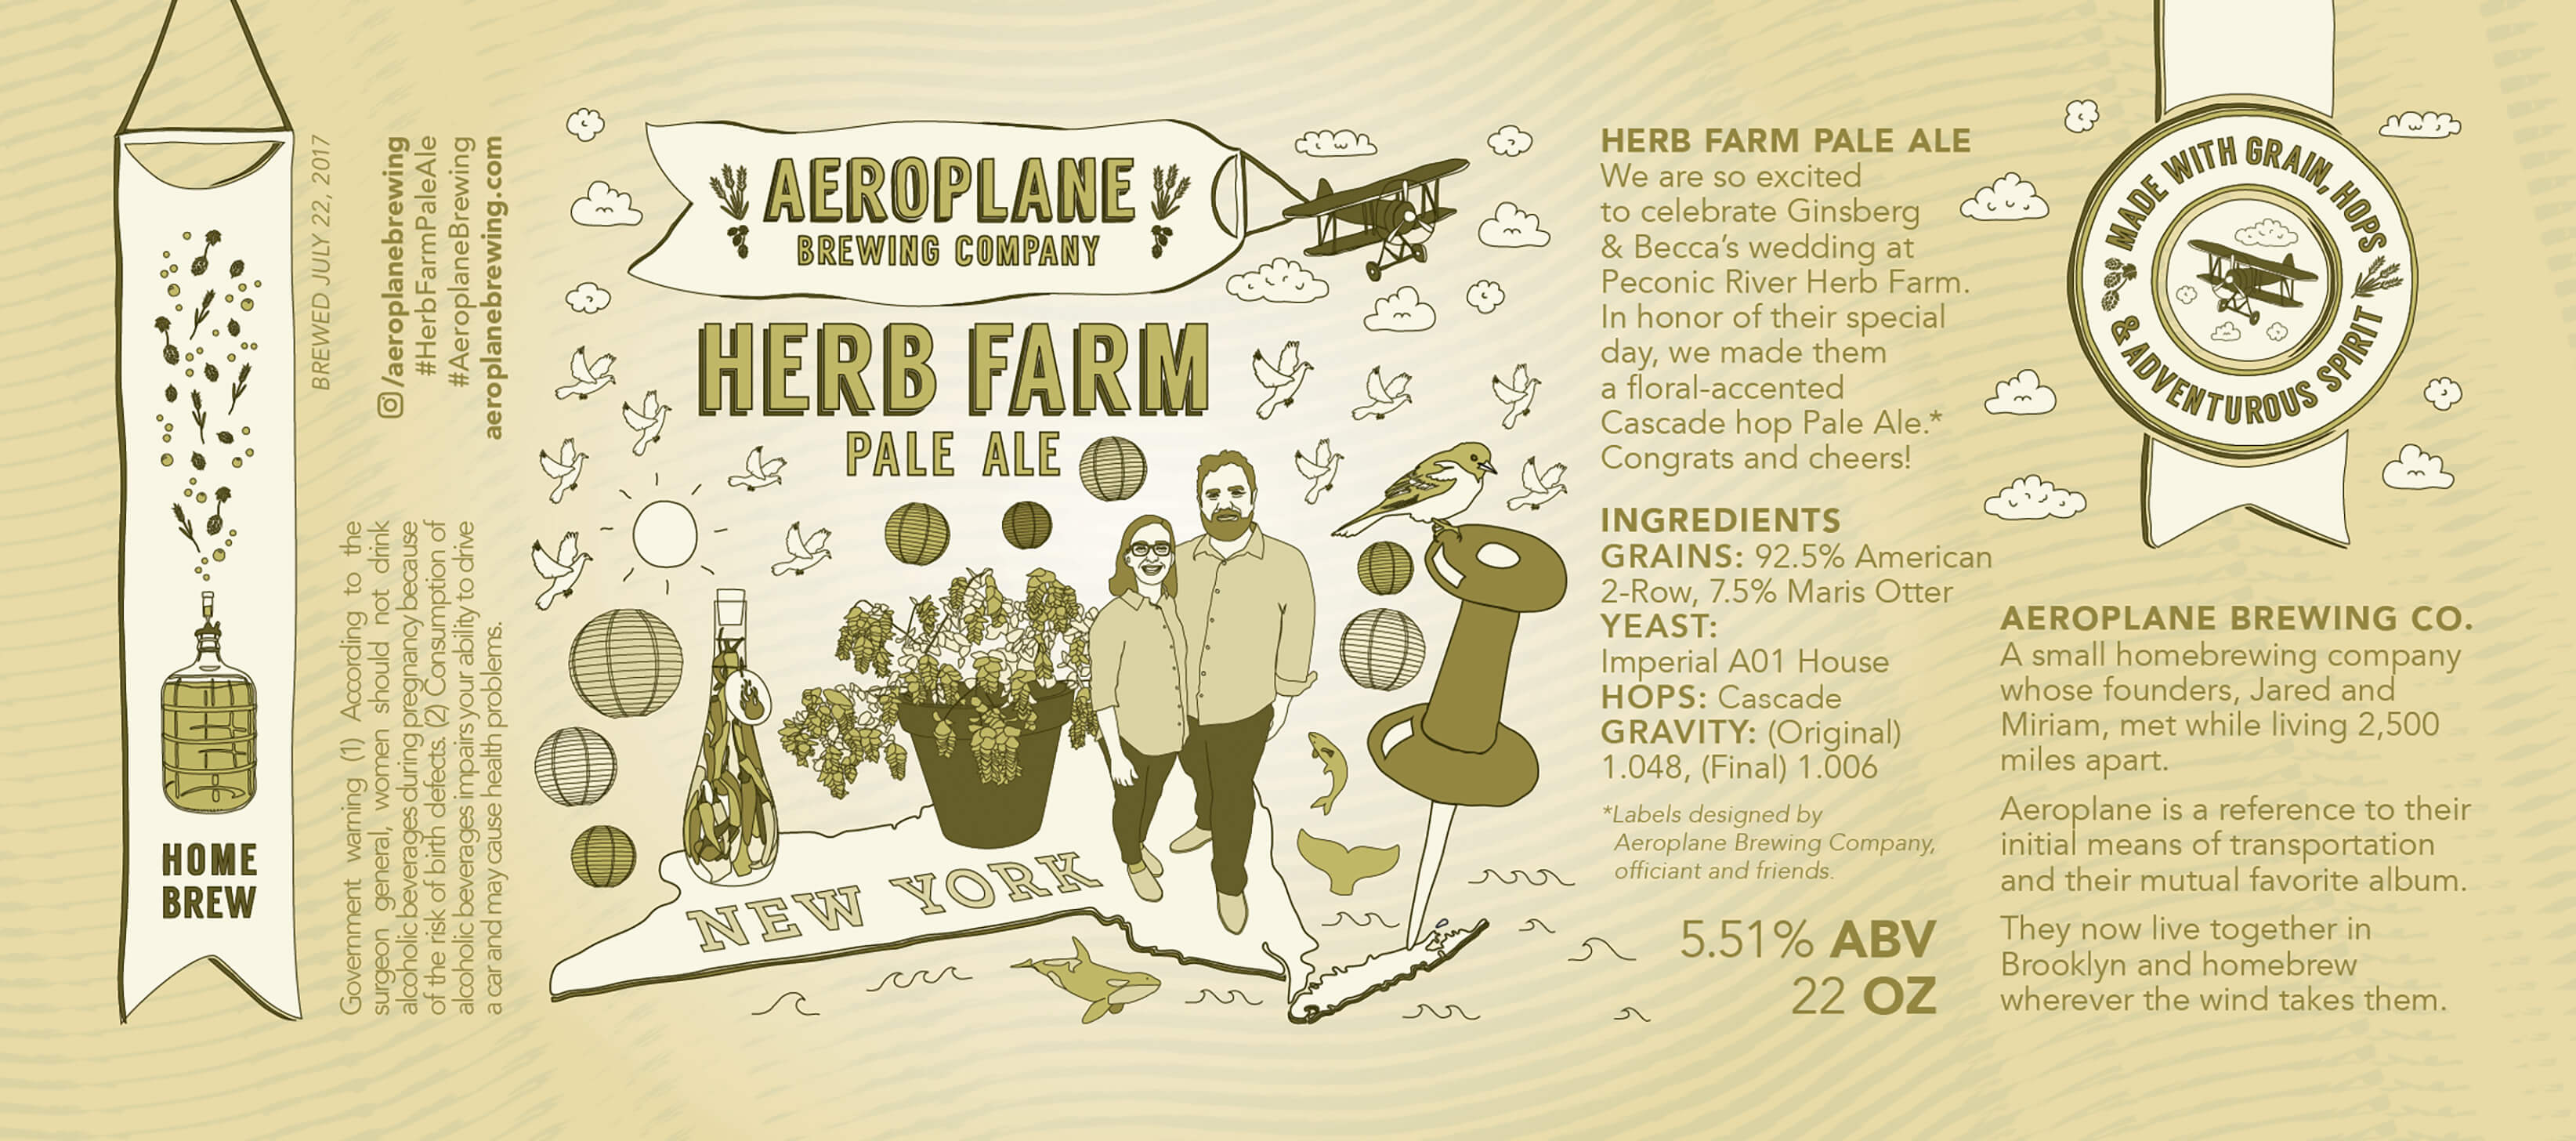 SEMPLICE_AEROPLANE_LABEL_NODROPSHADOW_112817_V4_0004_HERB-FARM